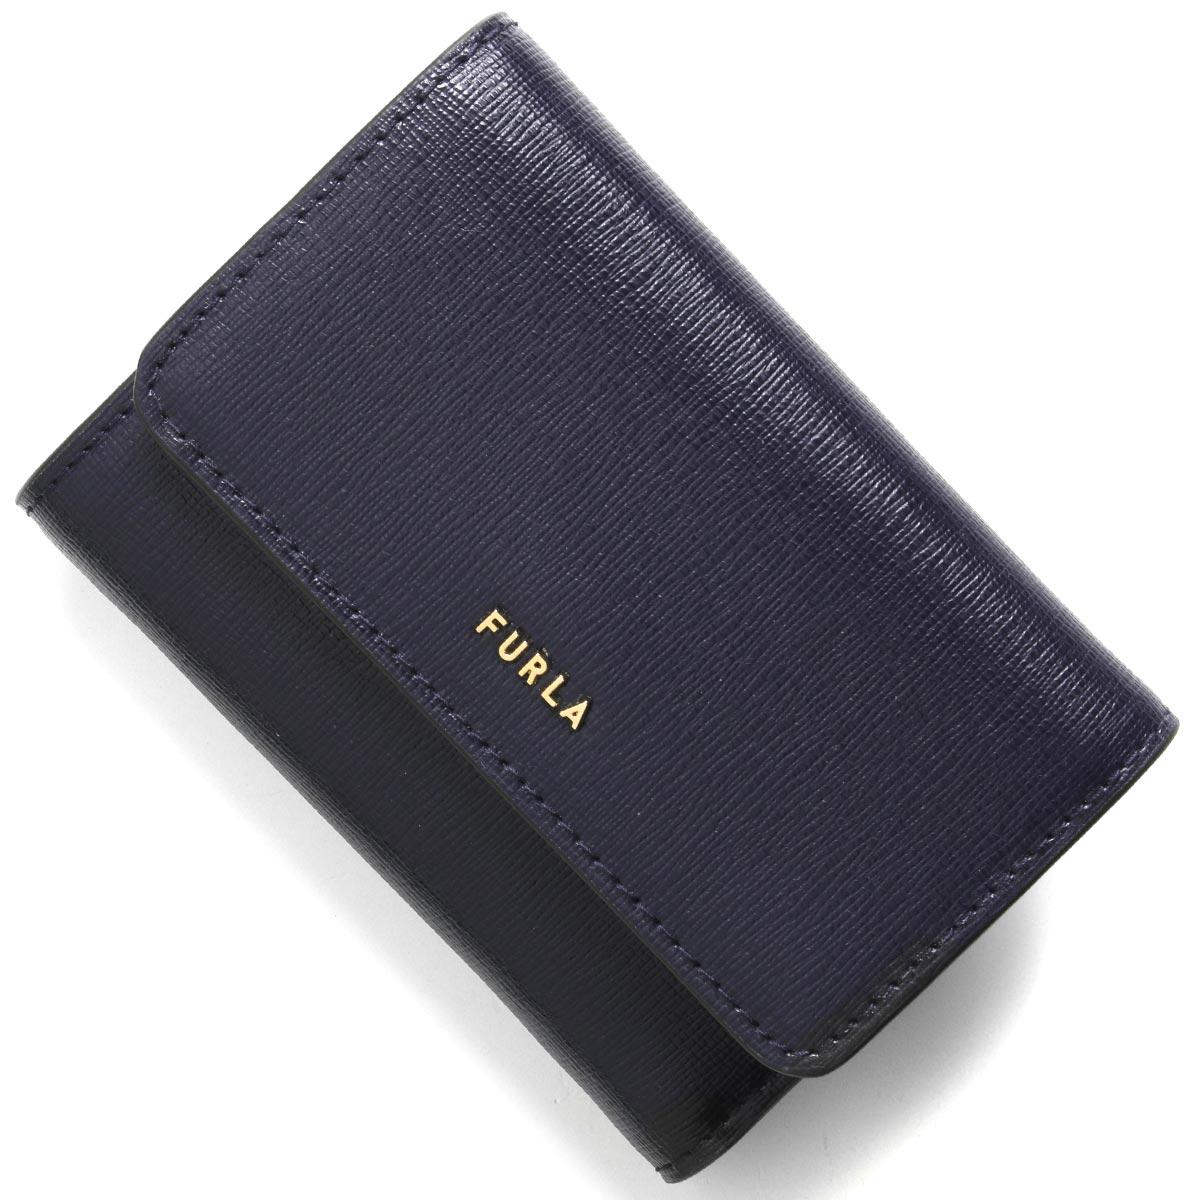 フルラ 三つ折り財布 財布 レディース バビロン スモール オセアノネイビー PCZ0 B30 07A 1056943 2020年春夏新作 FURLA